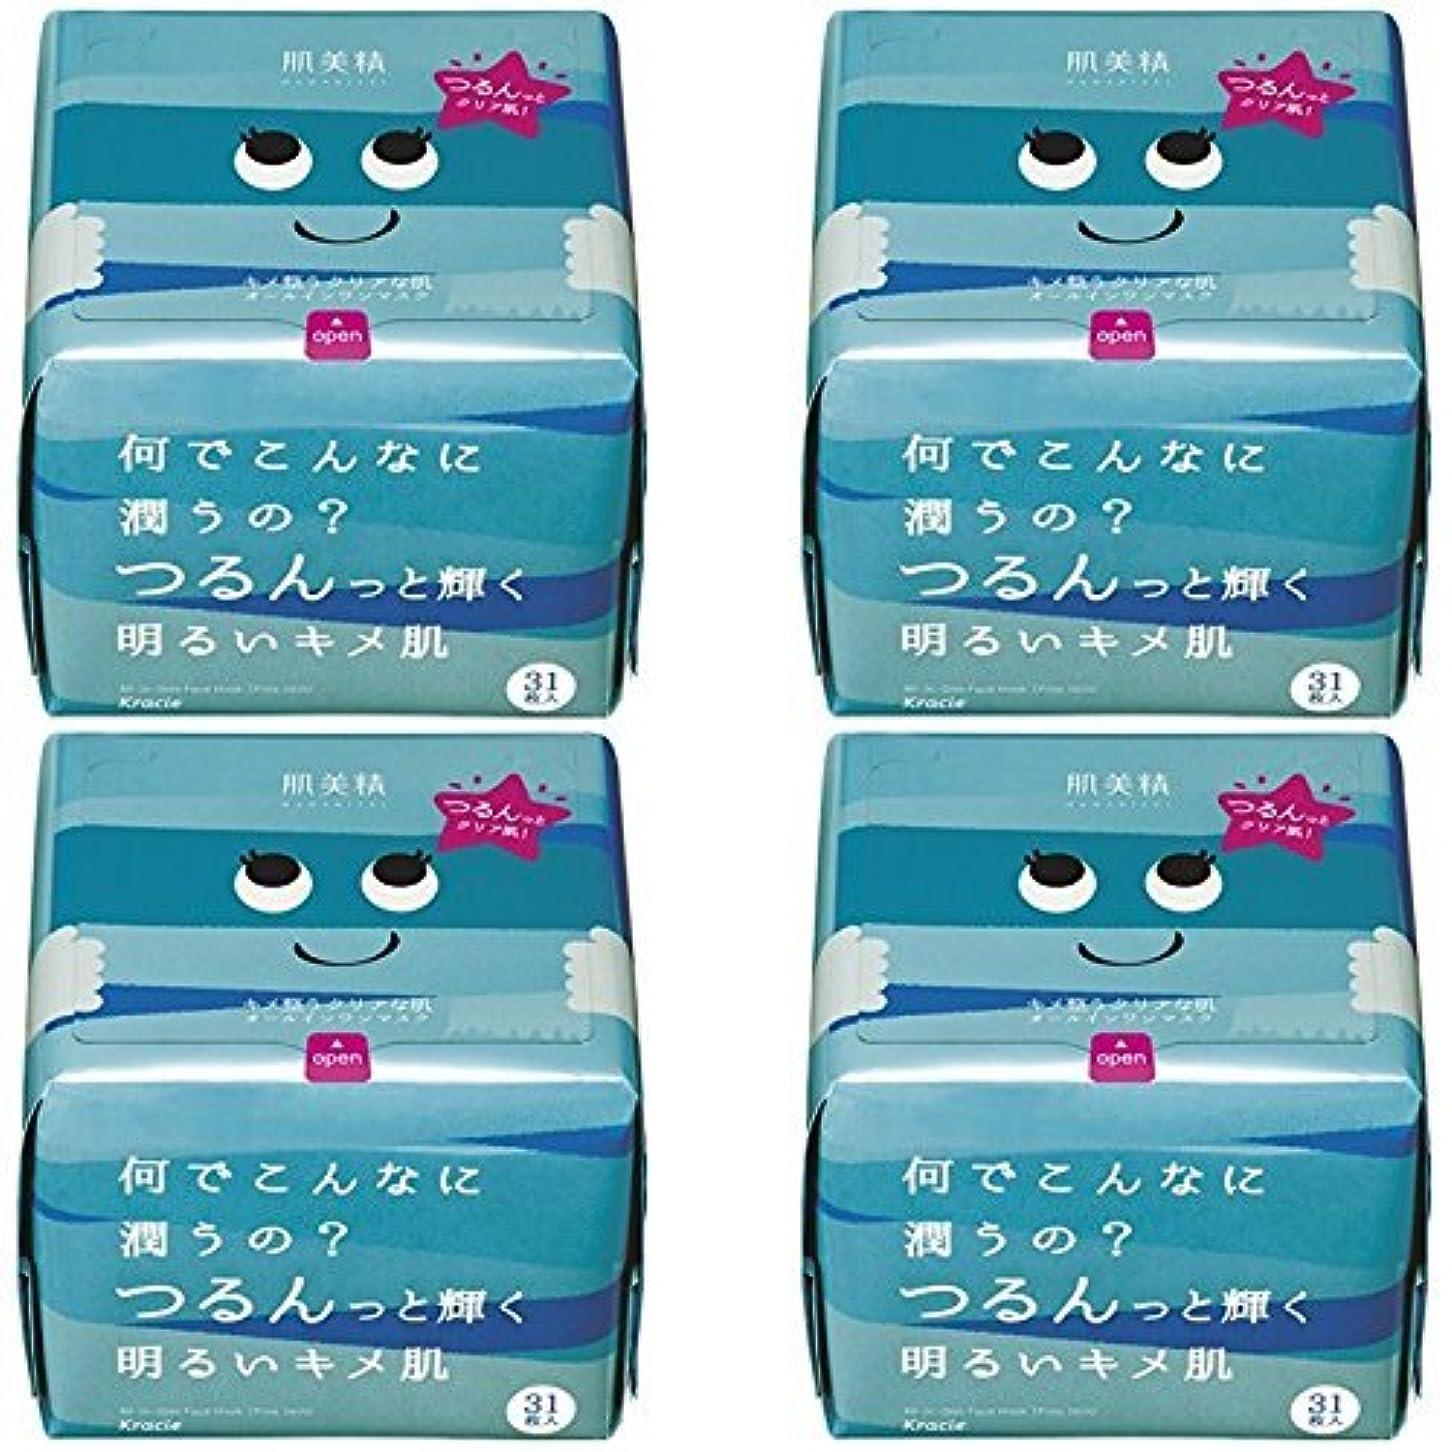 シュリンクポータル追放する【まとめ買い】肌美精 デイリーモイスチュアマスク (キメ透明感) 31枚【×4個】